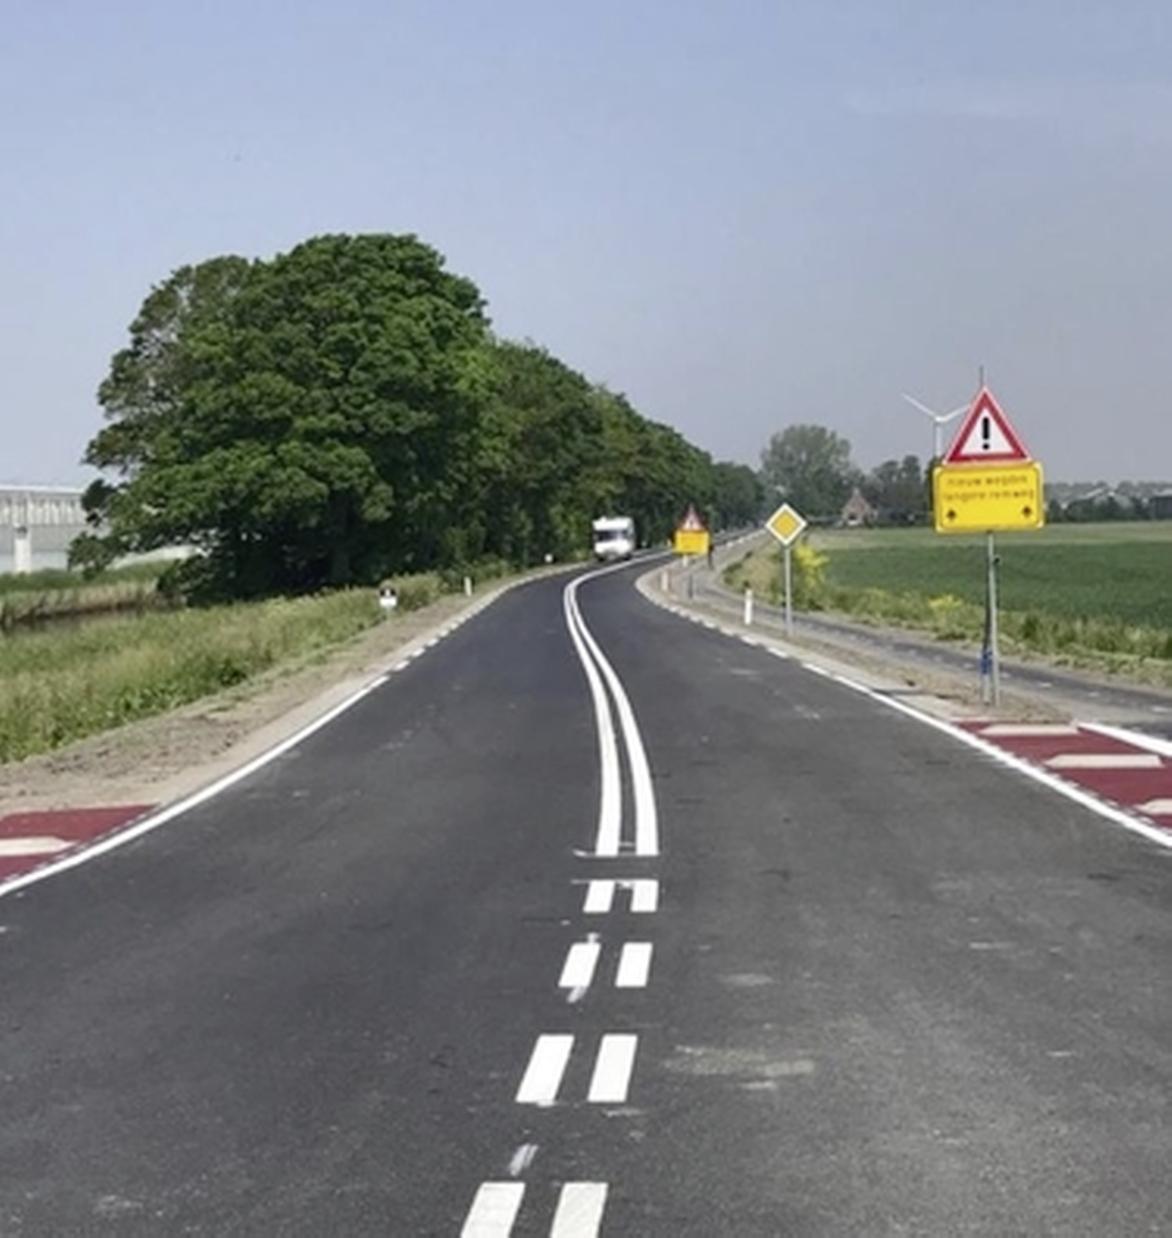 De weg die te boek staat als de gevaarlijkste in de Noordkop, moet nu een stuk veiliger zijn. Werkzaamheden N240 maand eerder klaar